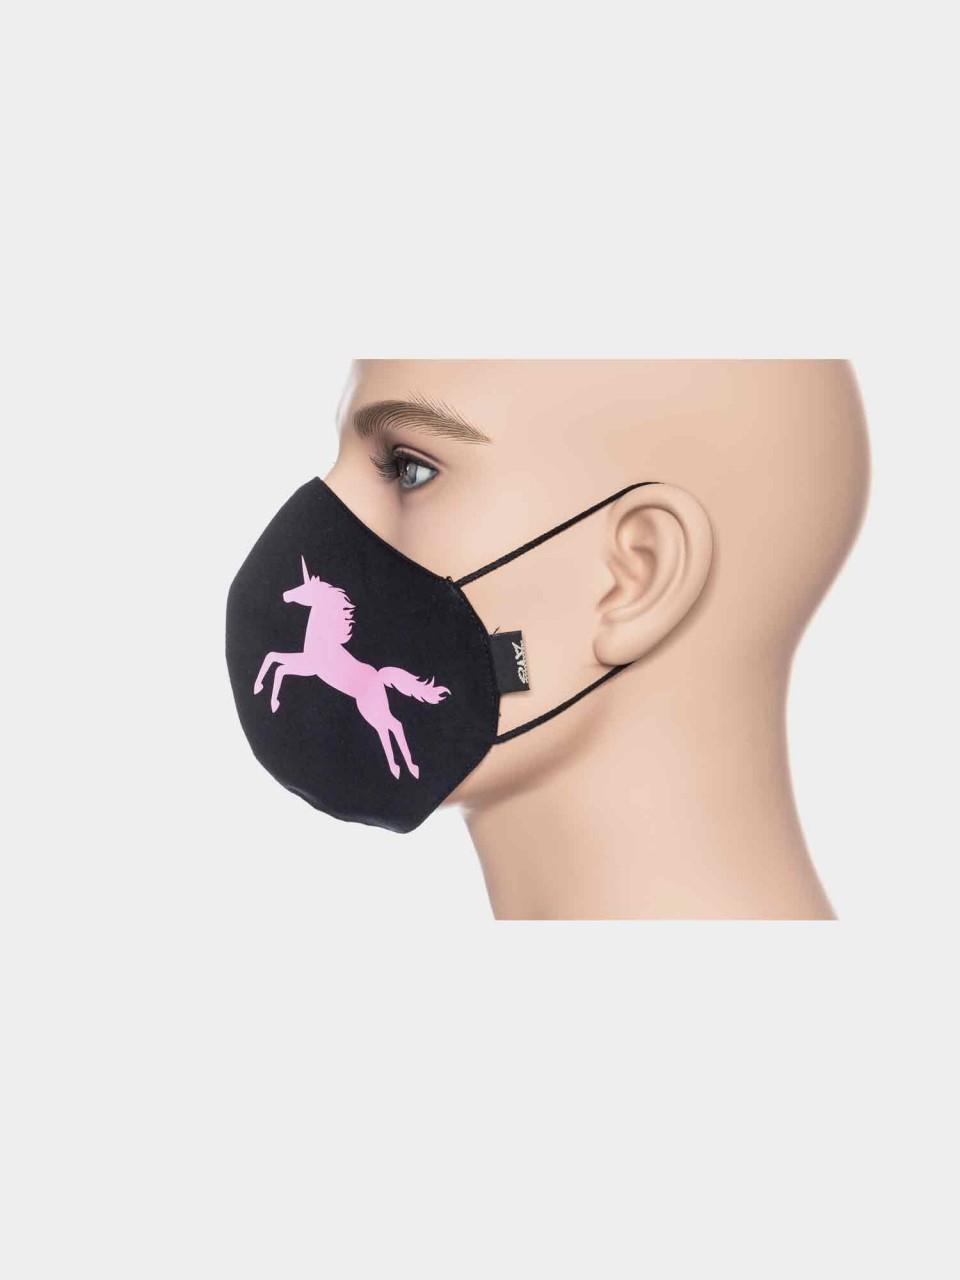 ATO Maske Einhorn schwarz/pink